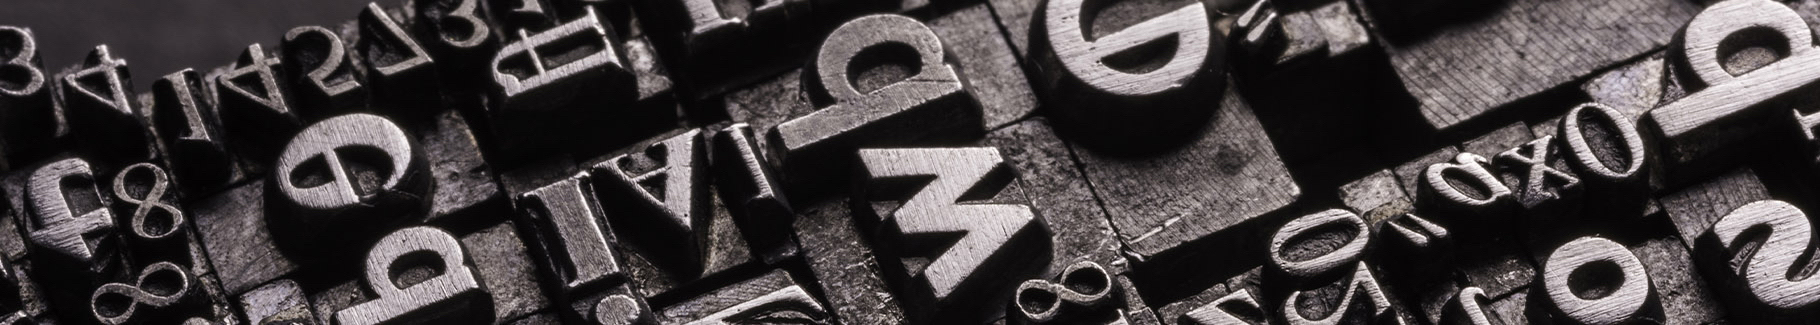 Obraz typograficzny w stylu industrialnym